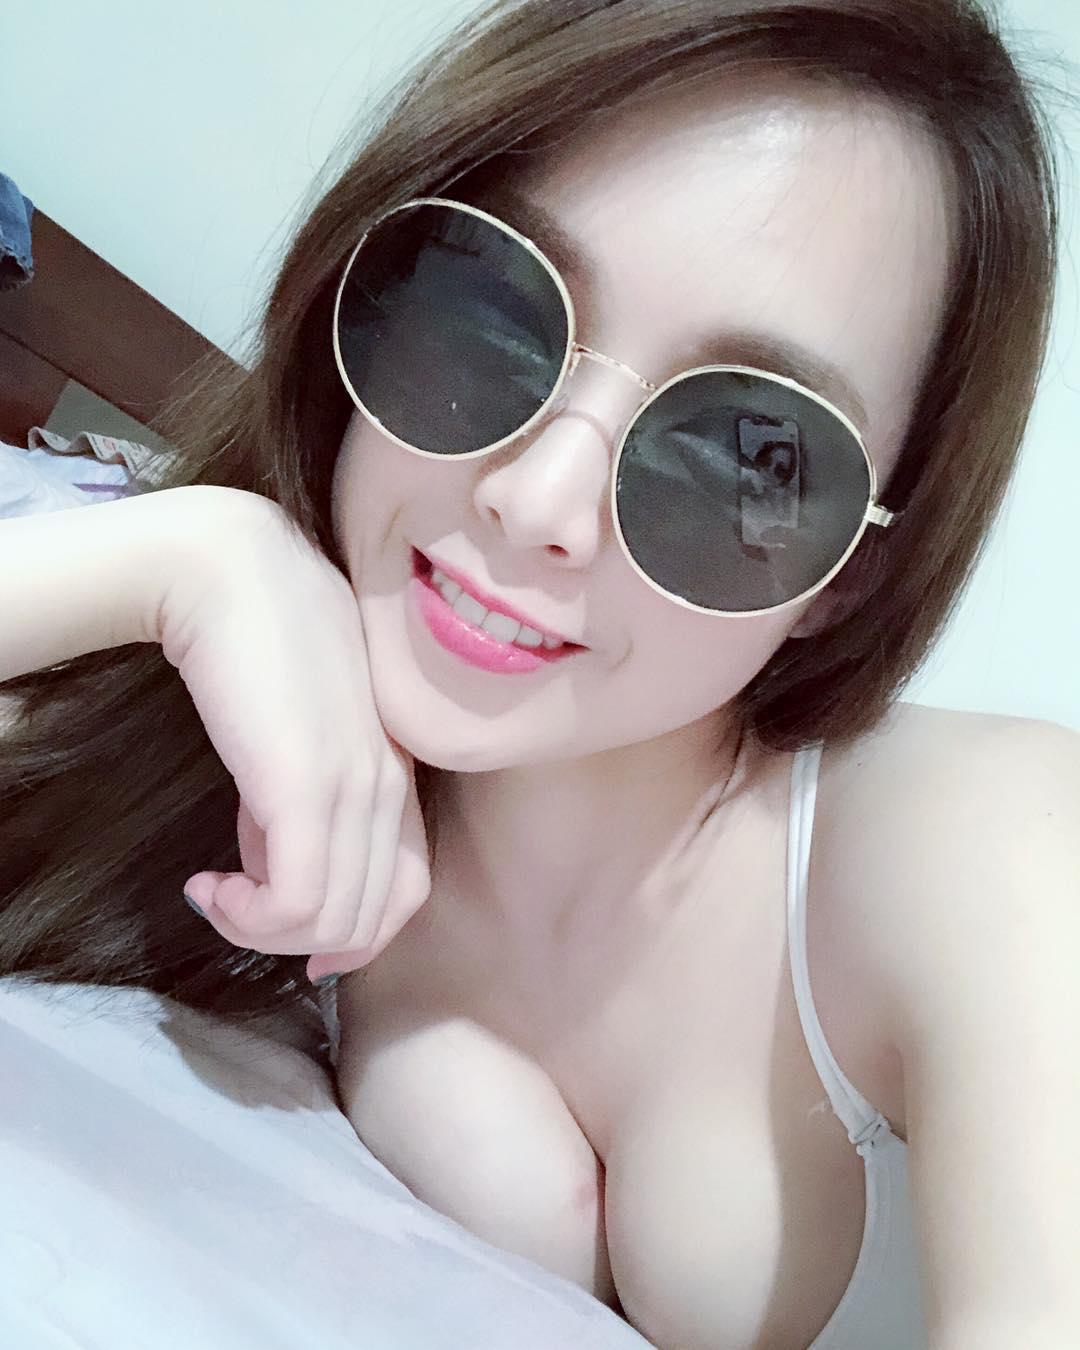 yuweno_29416134_237579200123651_7464344807565950976_n